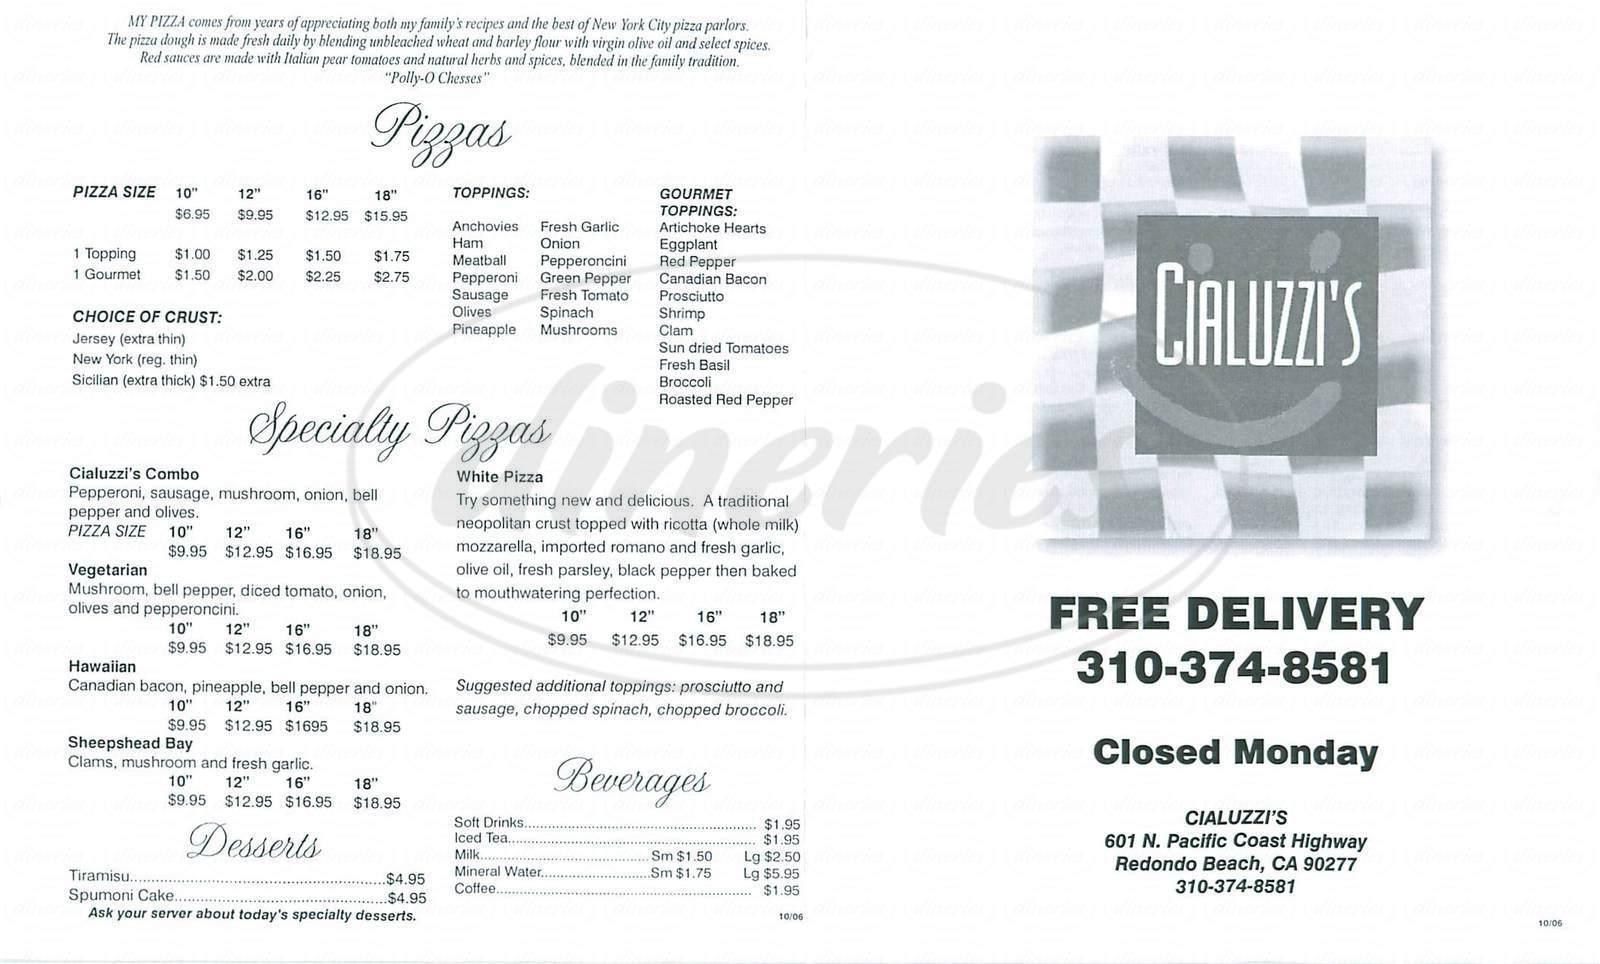 menu for Cialuzzis